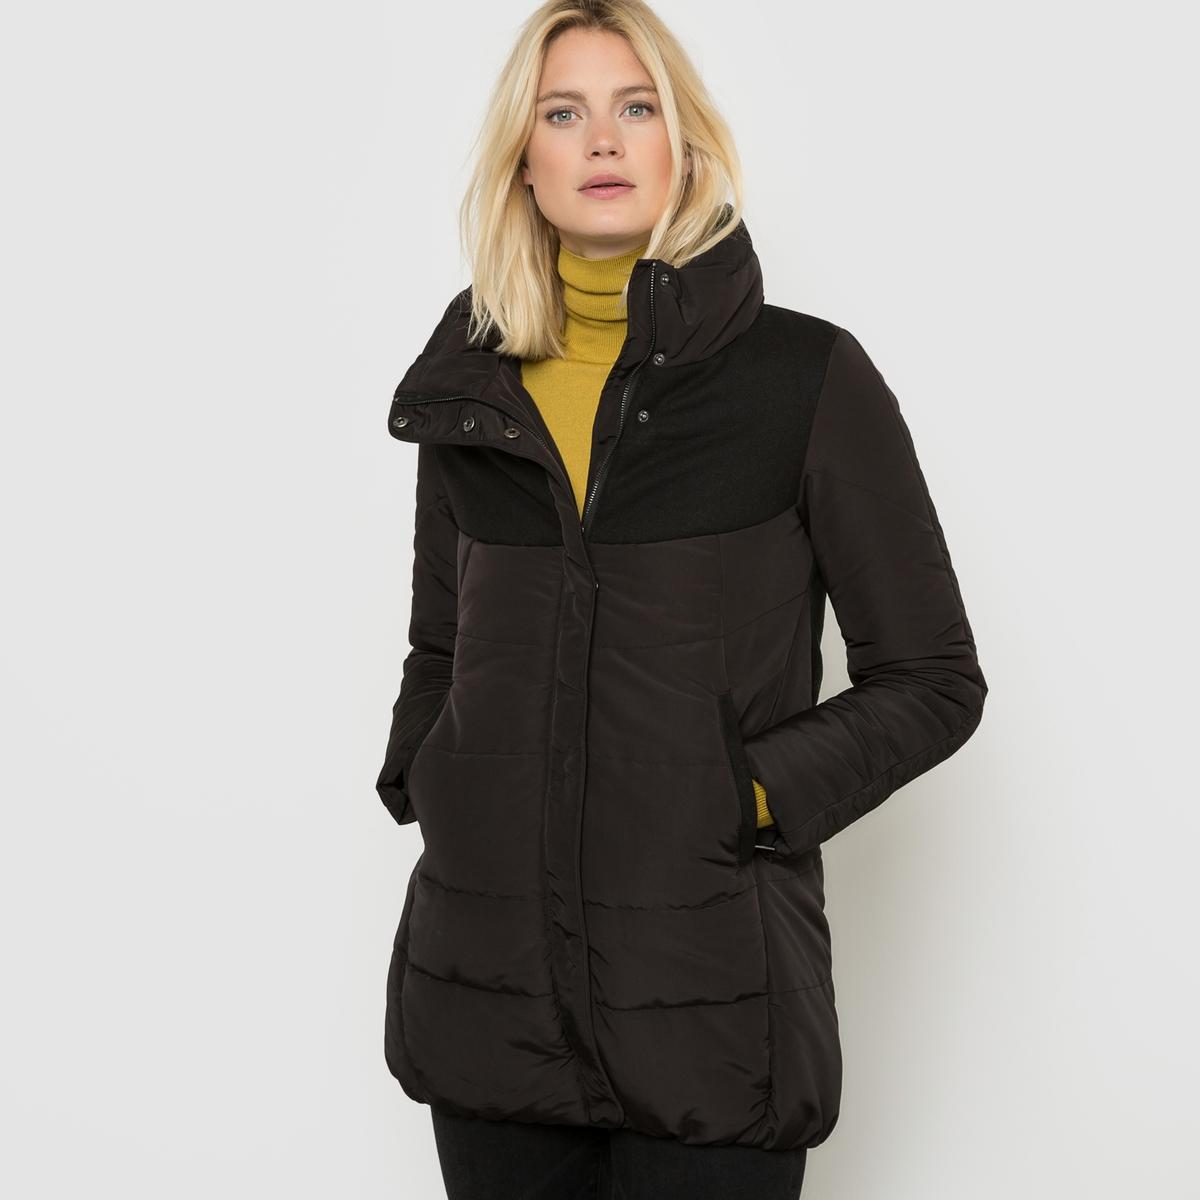 Стеганая куртка из двух материаловСтеганая куртка из двух материалов R essentiel. Свободный покрой. Высокий воротник. Застежка на молнию и кнопки. Контрастные вставки спереди и сзади. 2 кармана на молнии спереди.      Состав и описание Основной материал: 100% полиэстераПодкладка: 100% полиэстераДополнительный материал  51% полиэстера, 32% акрила, 14% шерсти, 3% полиамидаДлина: 77 смМарка: R essentiel  Уход  Только сухая чистка<br><br>Цвет: черный<br>Размер: 44 (FR) - 50 (RUS)